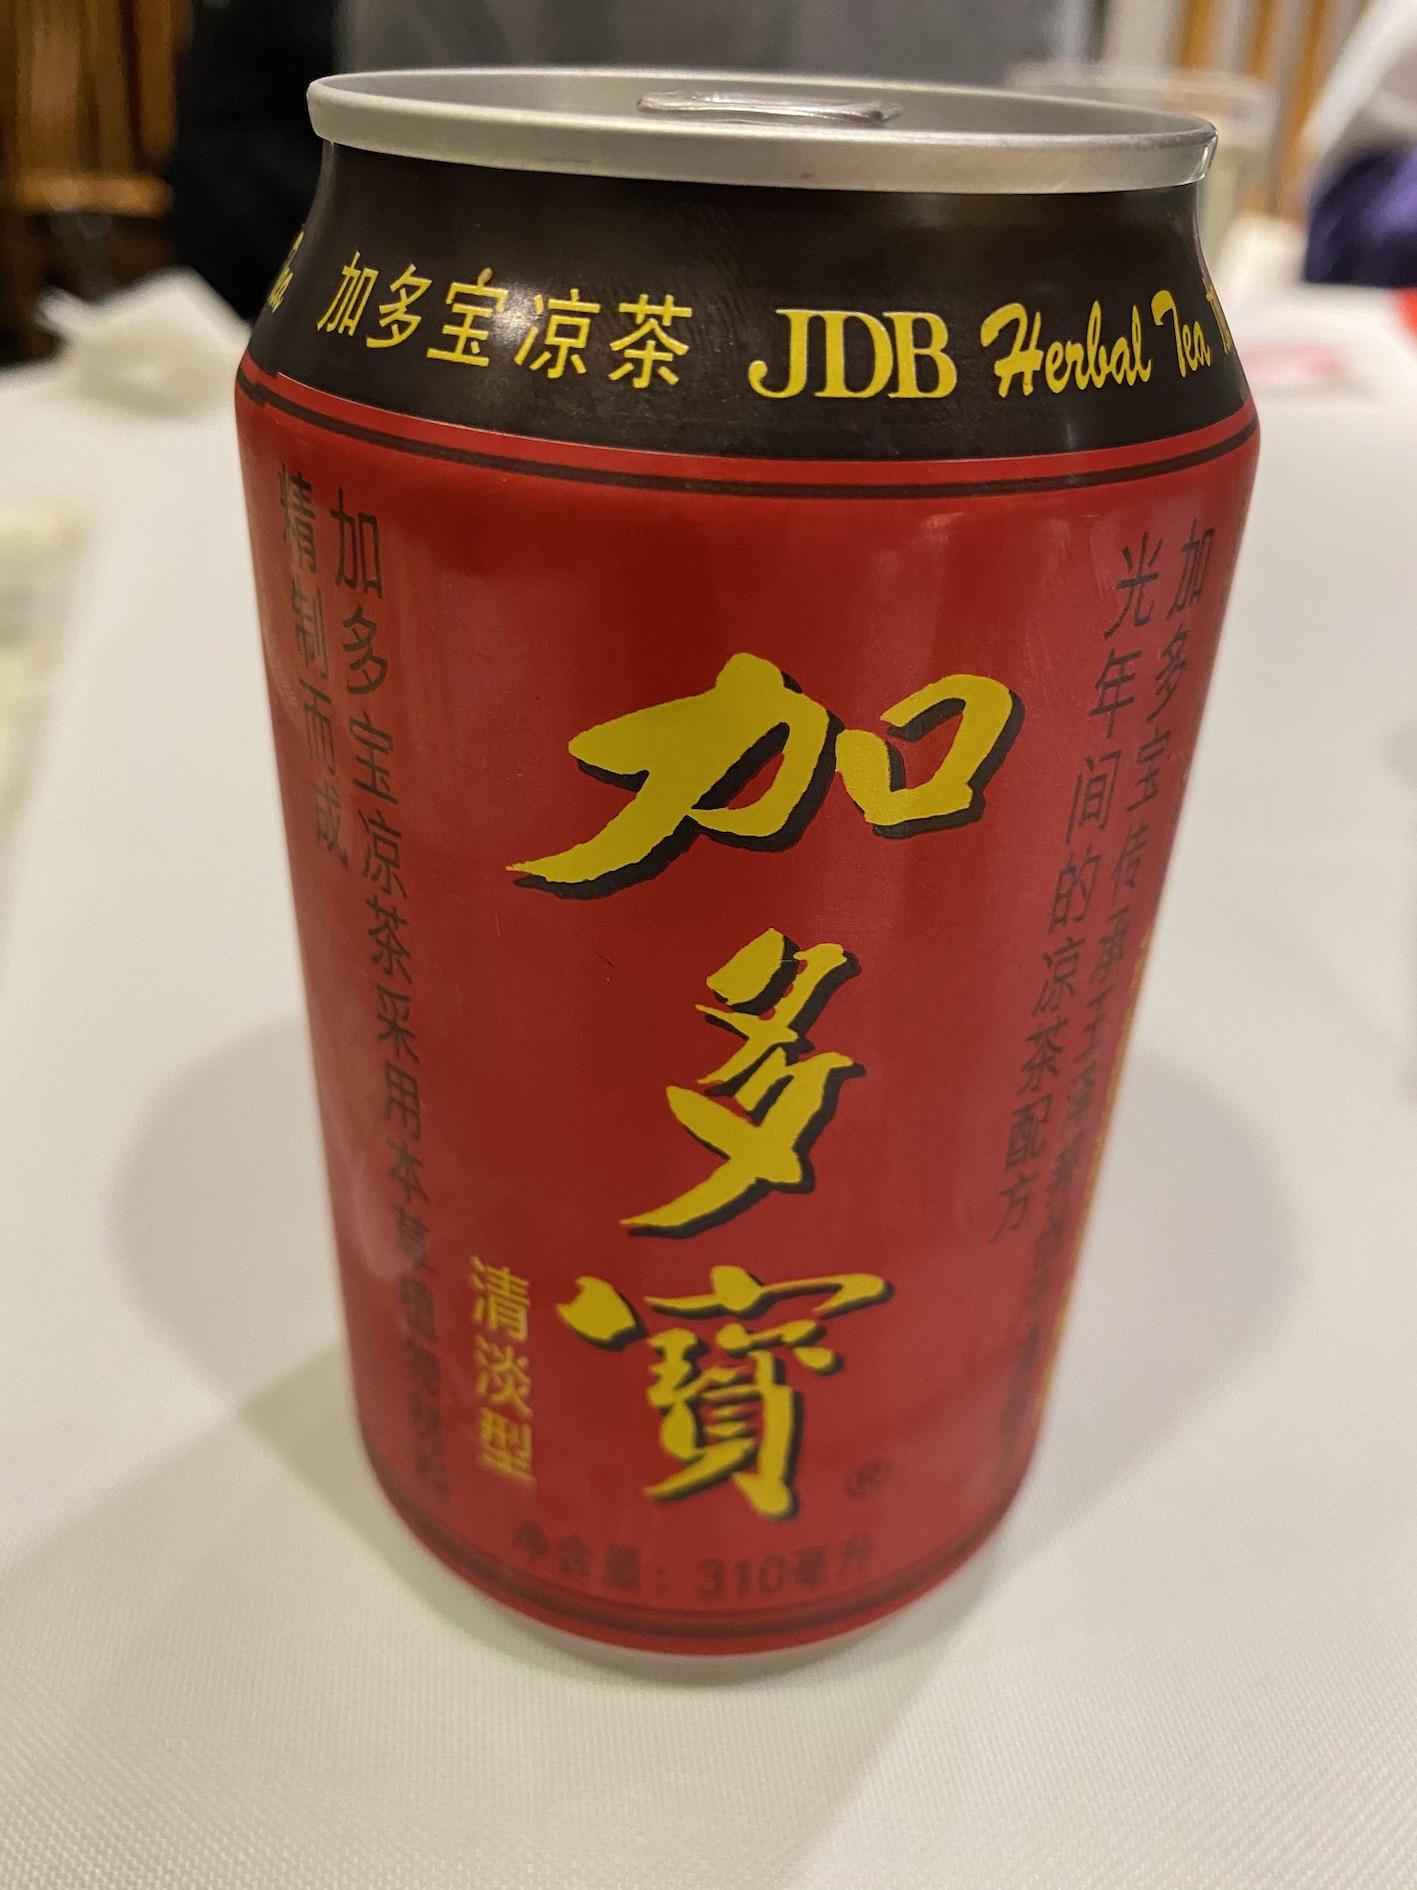 さらに宝 上海 上海蟹 お茶 歯医者 生月 平戸2